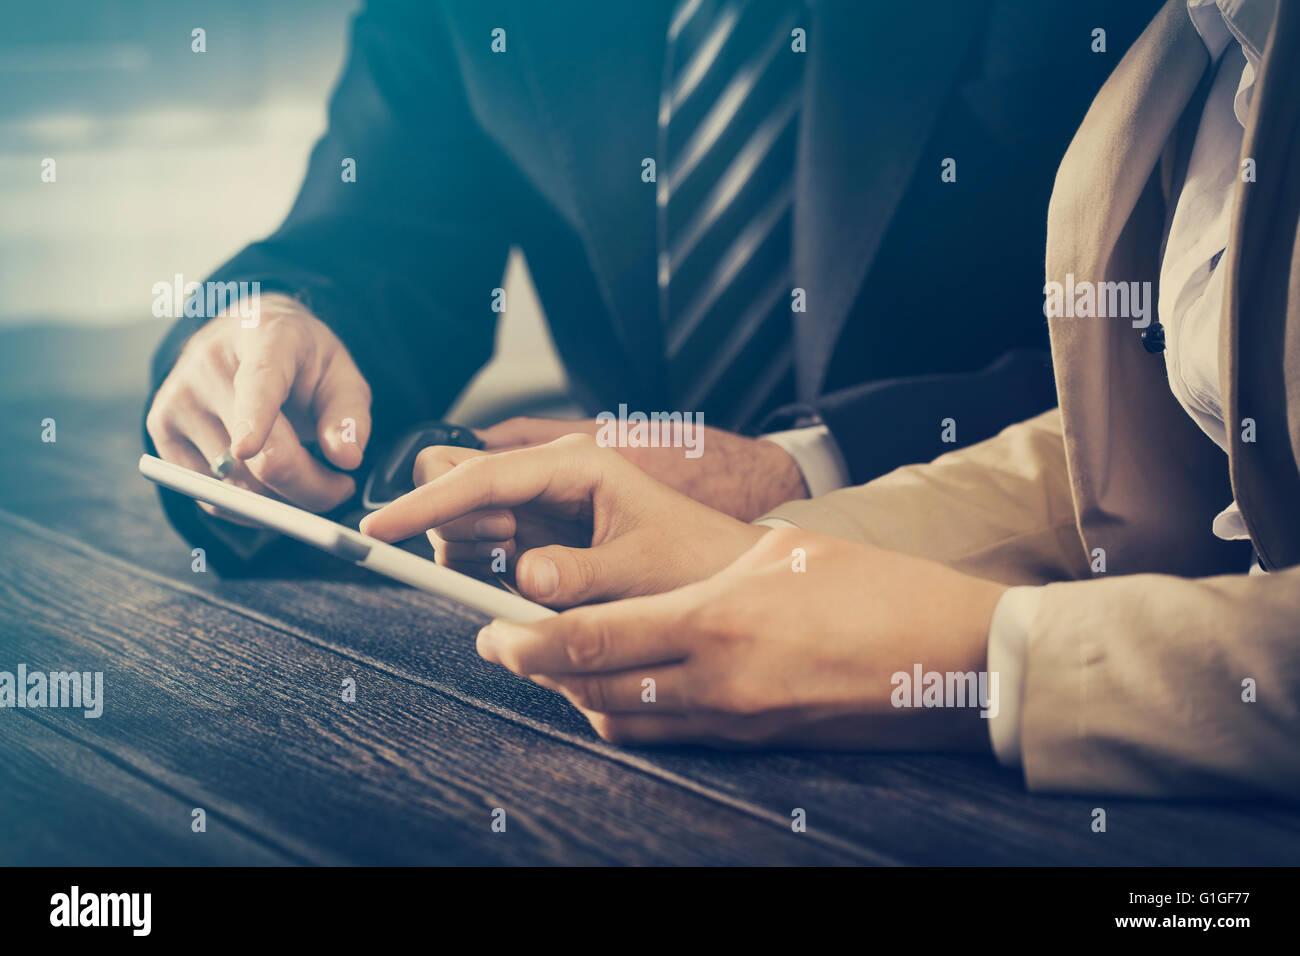 Reunión de negocios Executive Consulting revisar informe carrera tablet - stock image Imagen De Stock